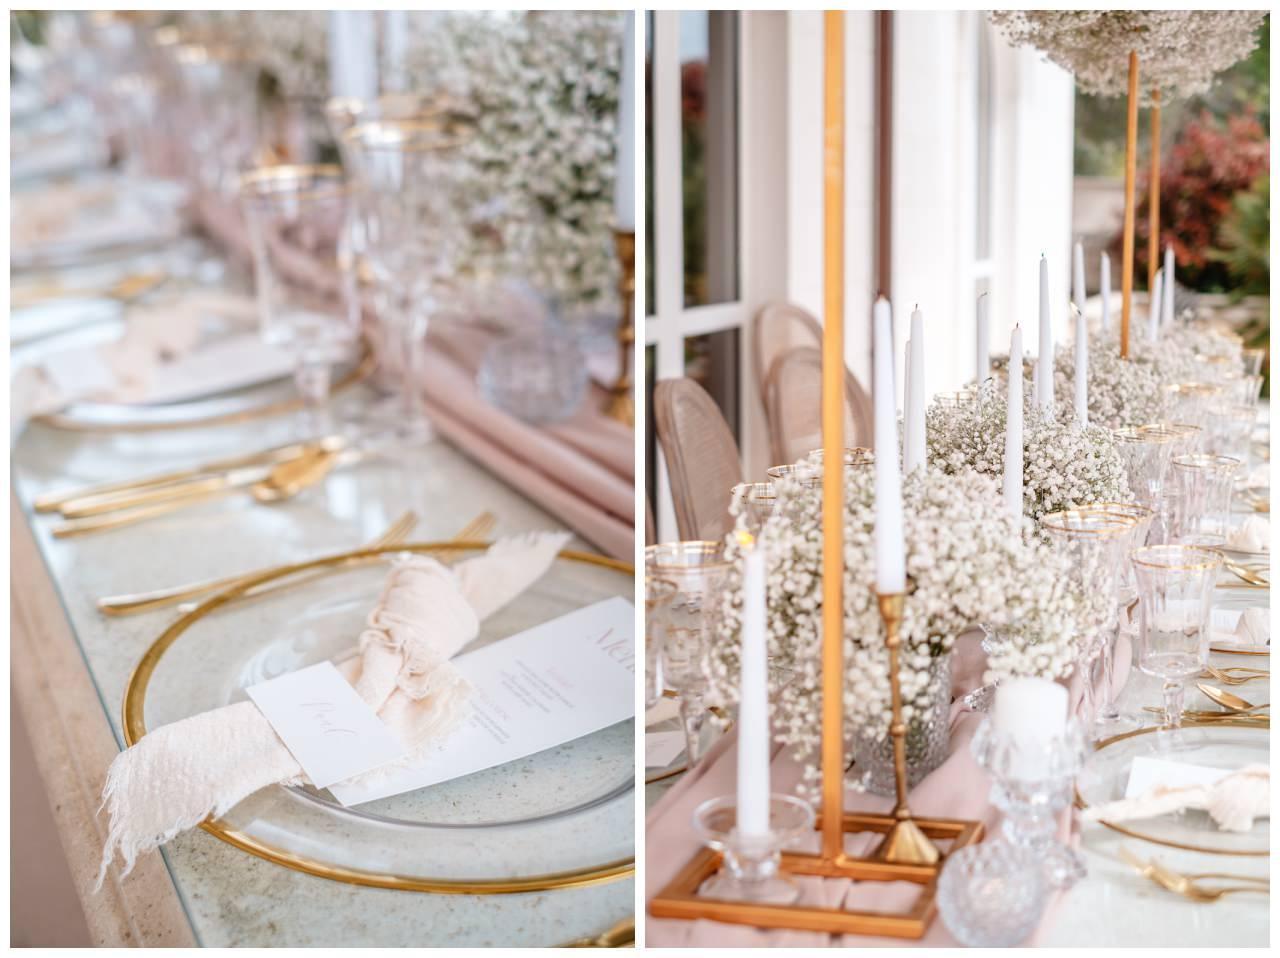 Hochzeit Villa Kroatien Hochzeitsplanung Fotograf 23 - Romantische Hochzeit in einer Villa